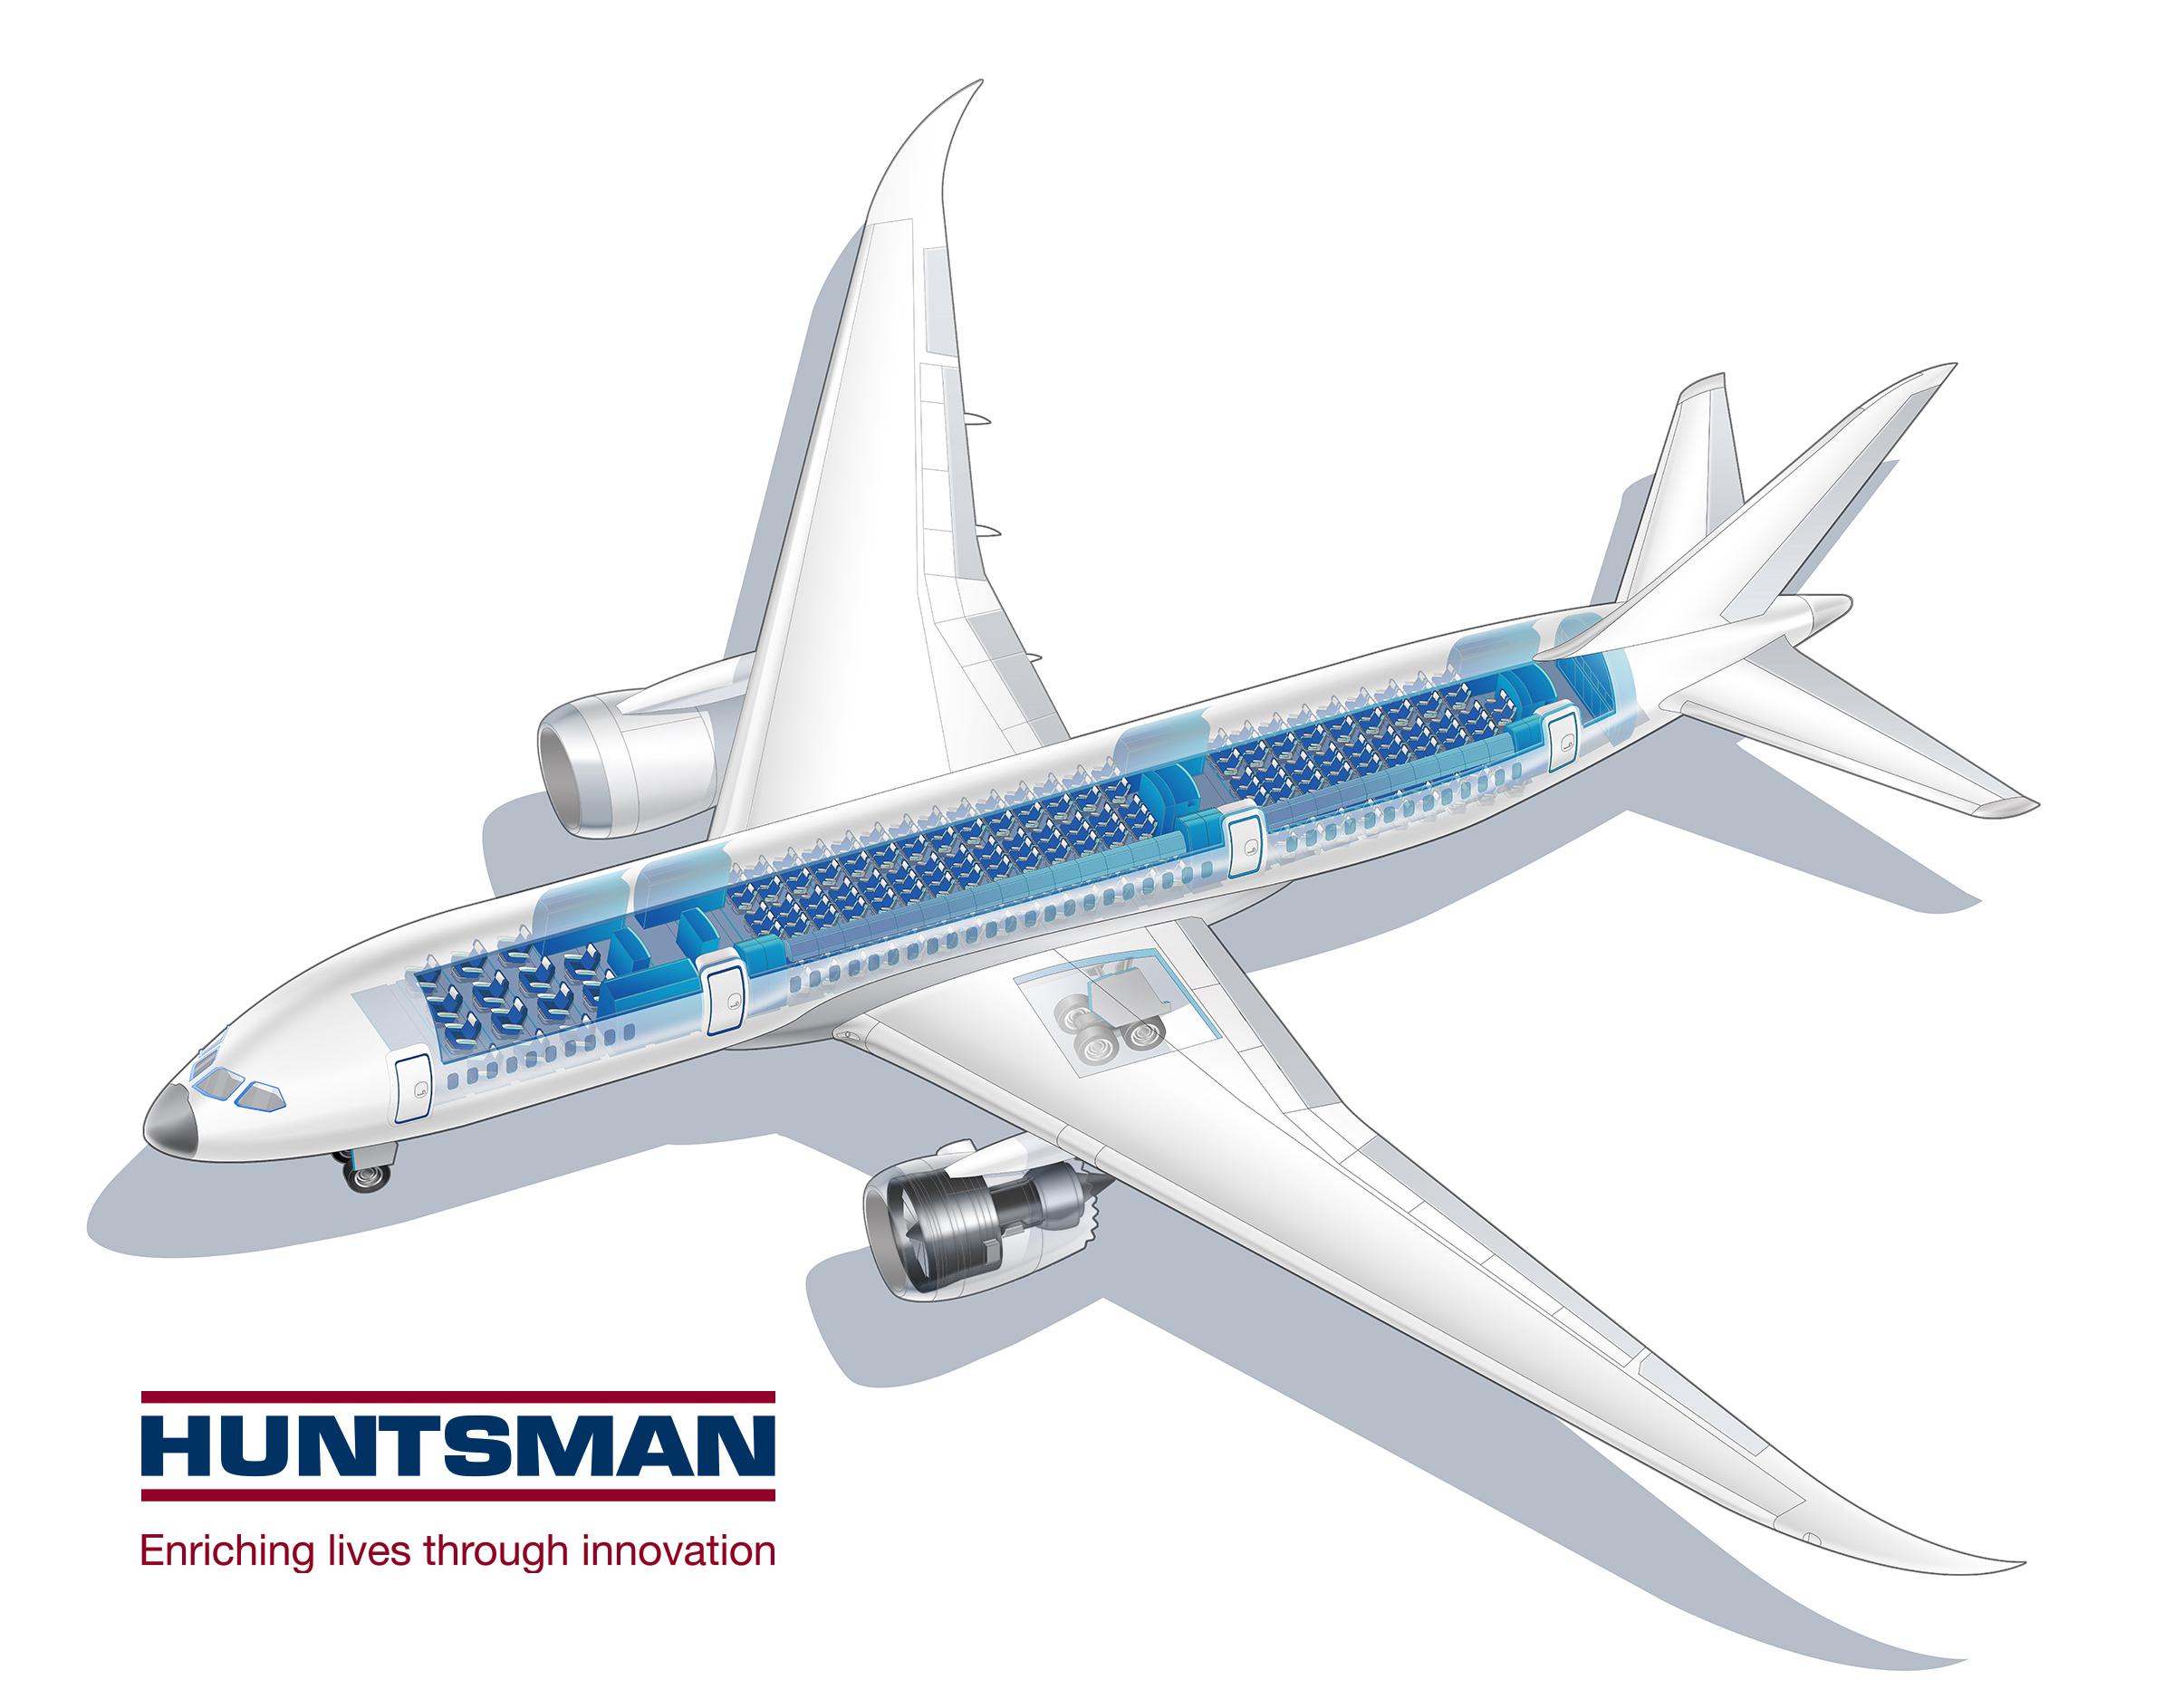 787 render r1v14-2400 with huntsman logo.jpg